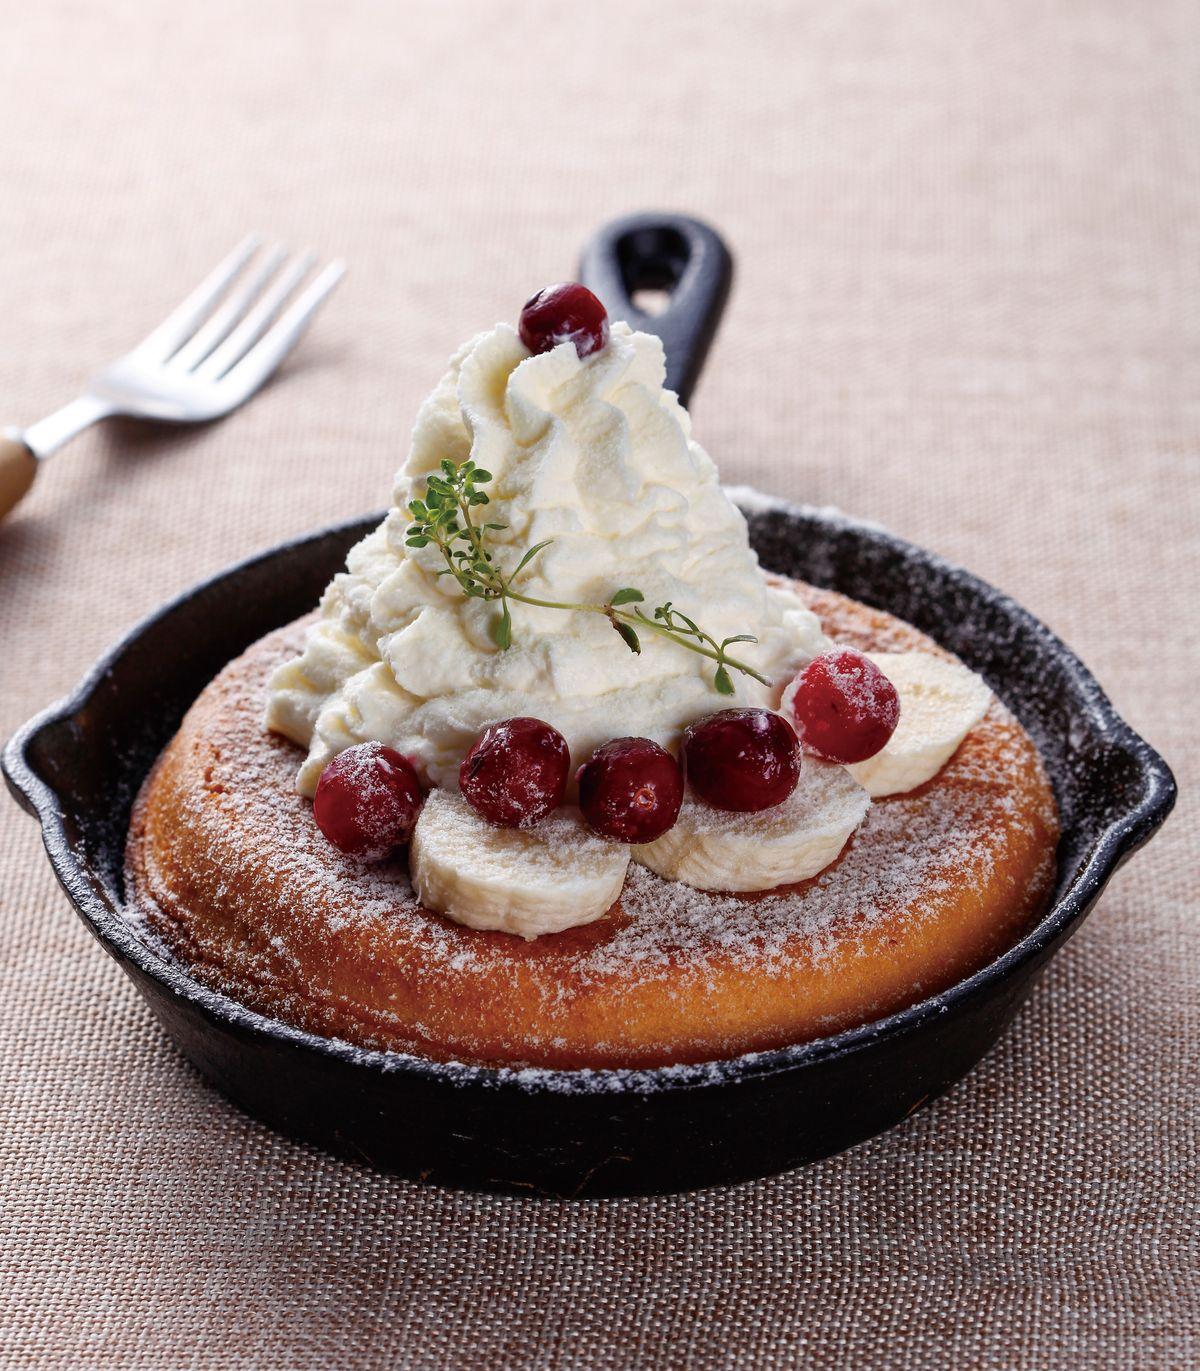 食譜:鮮奶油香蕉厚鬆餅